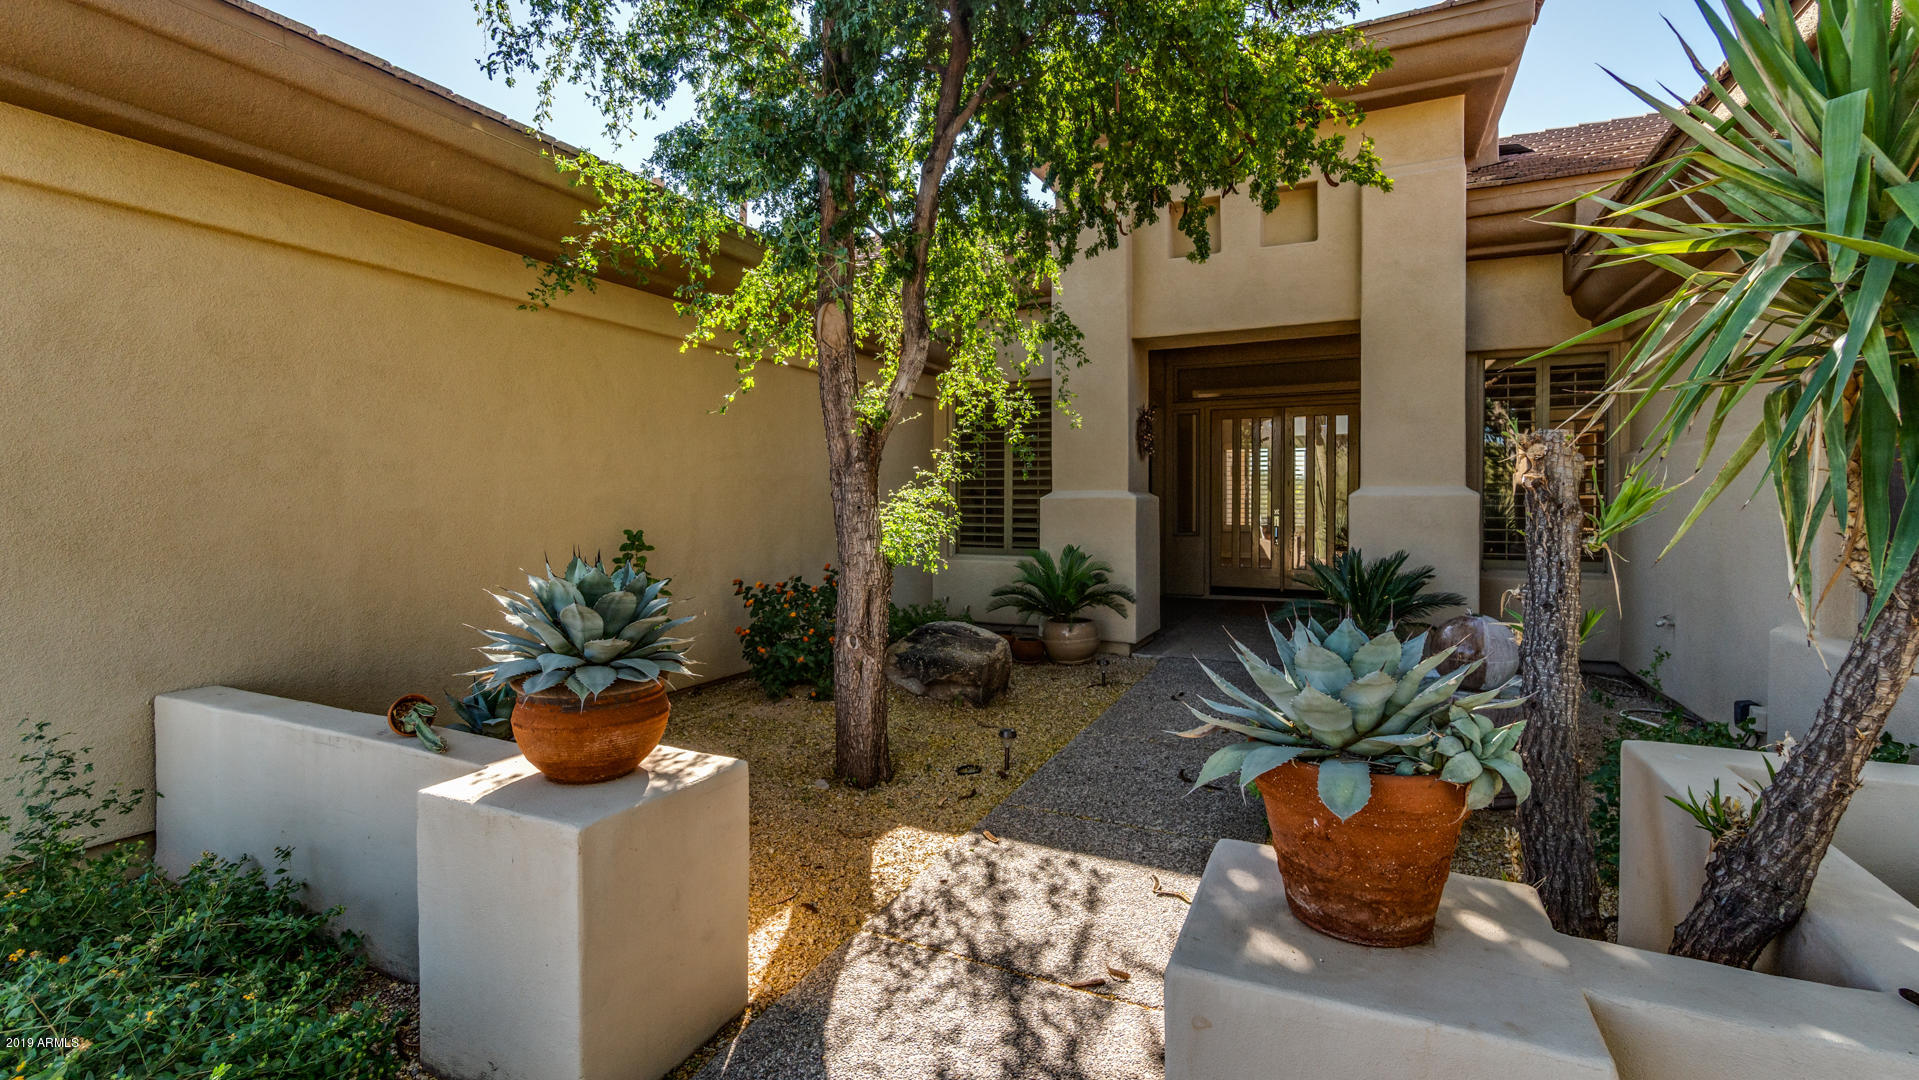 MLS 5999551 6461 E CRESTED SAGUARO Lane, Scottsdale, AZ 85266 Scottsdale AZ Terravita